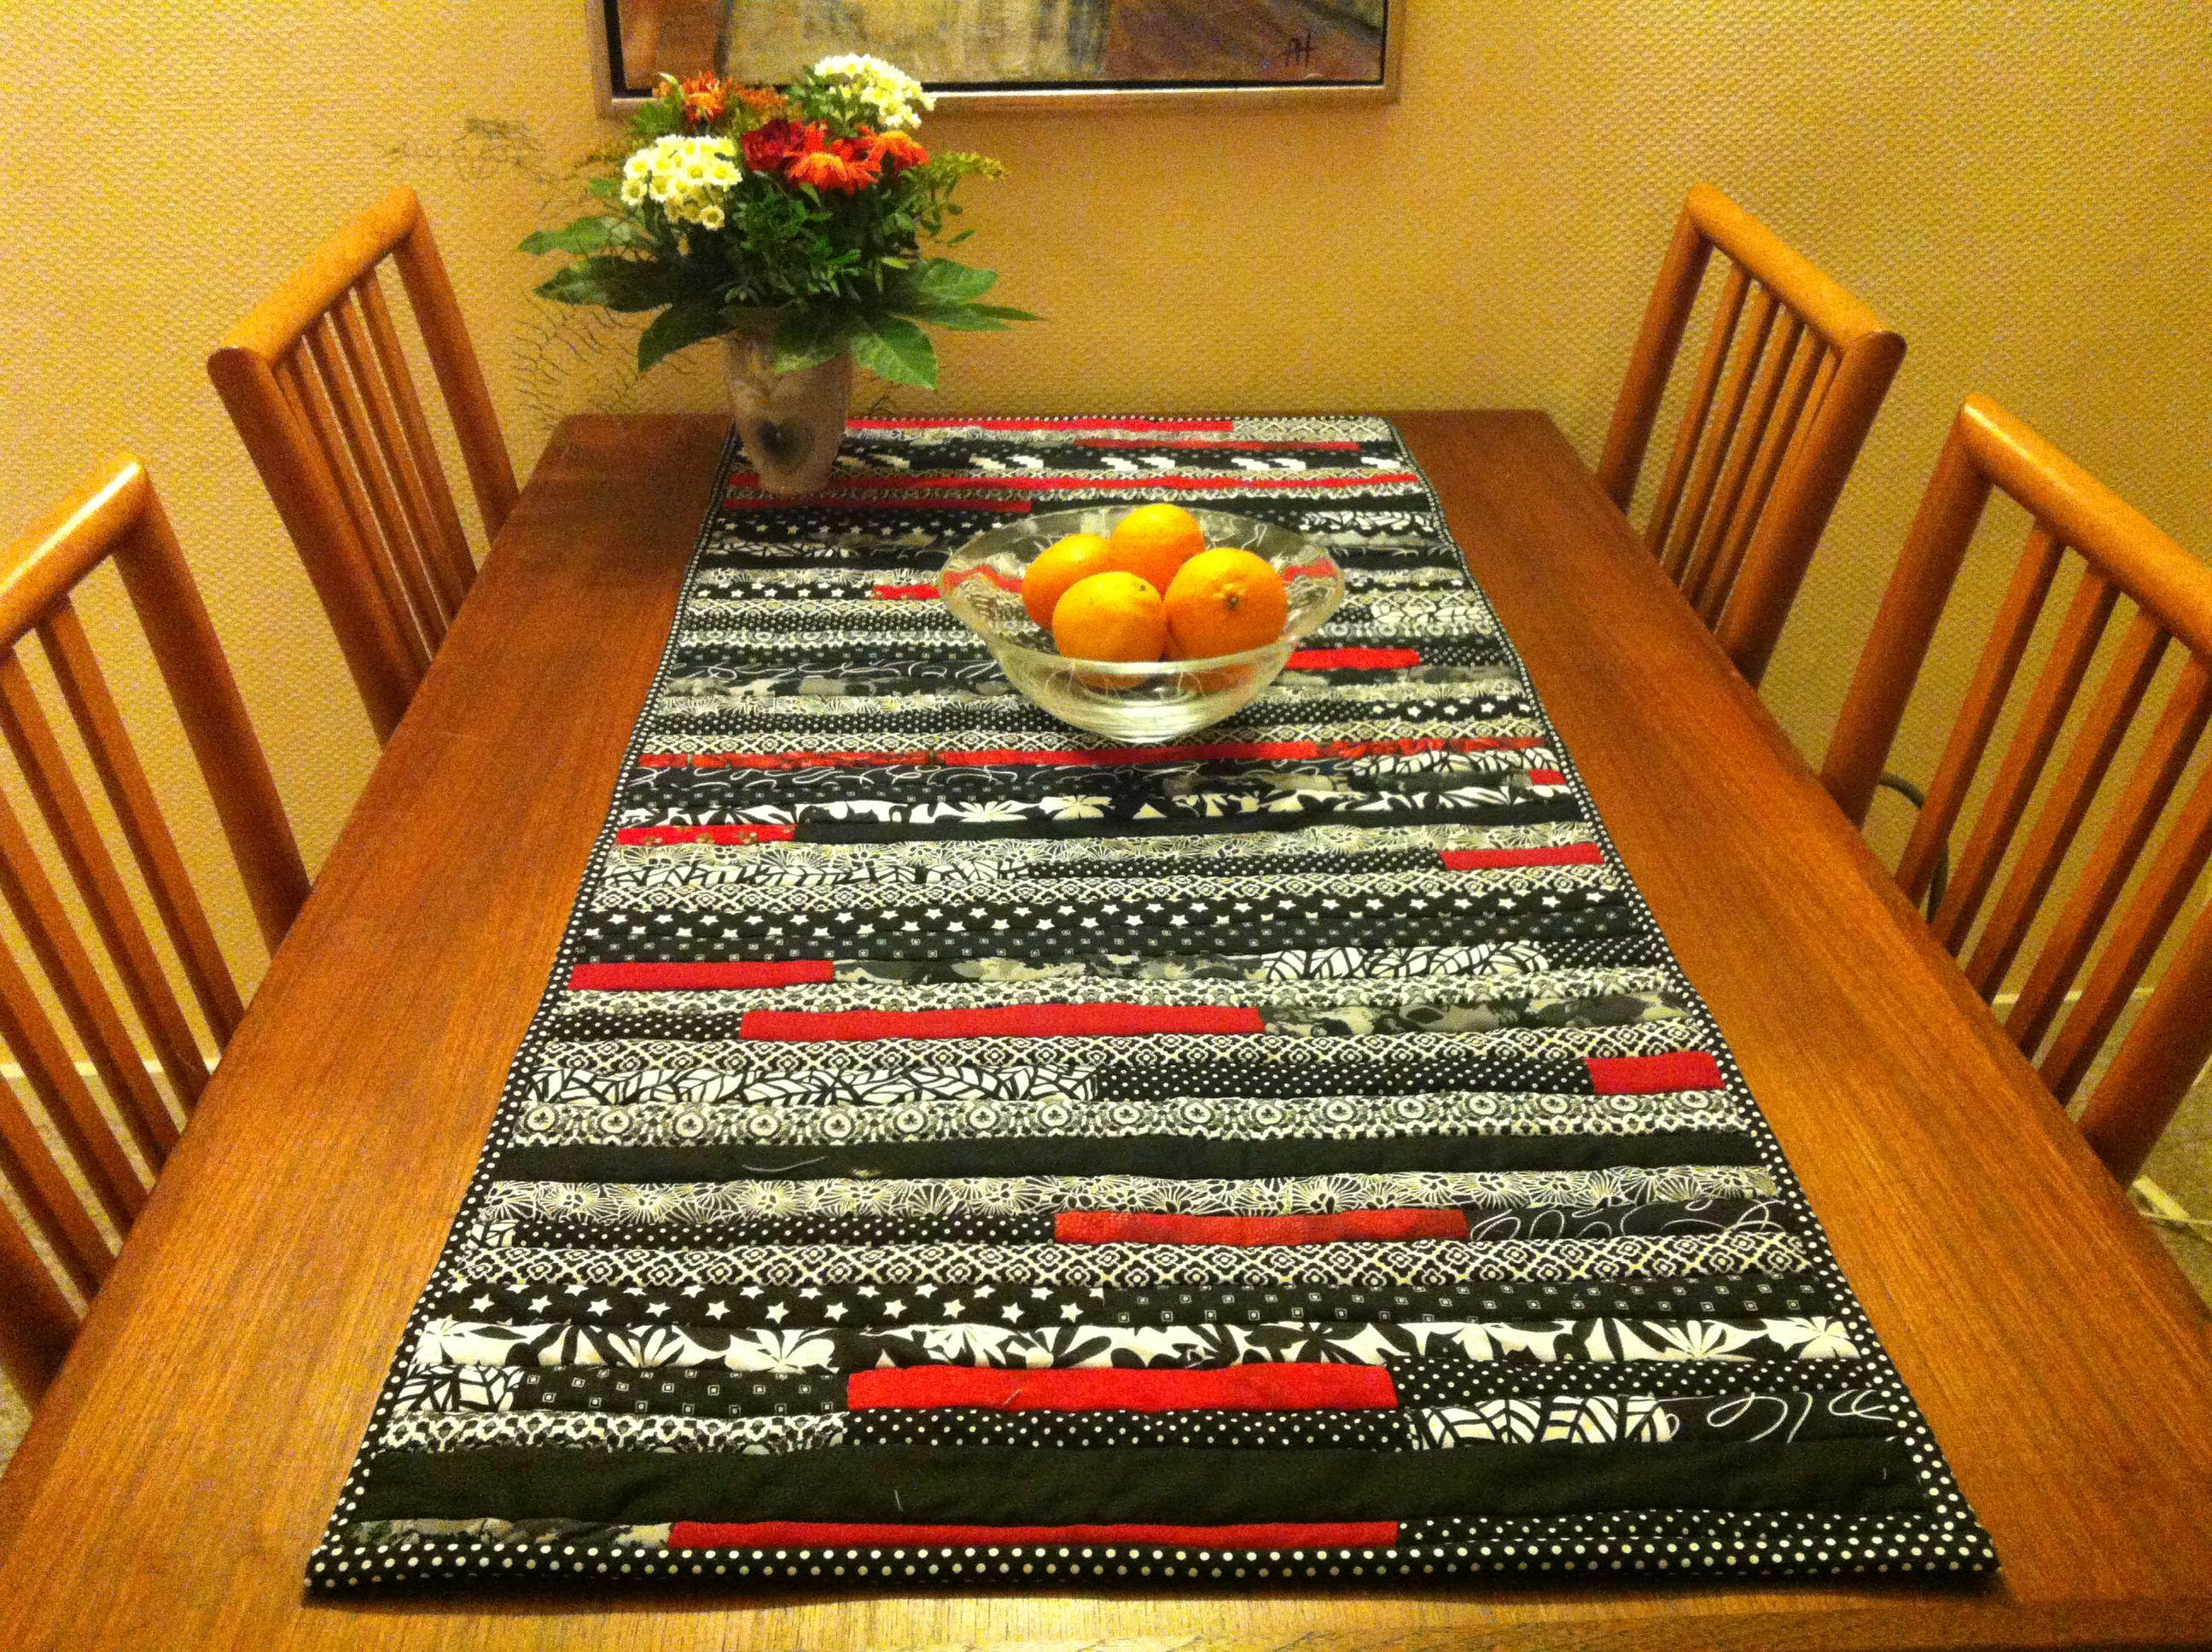 Bordløber quiltet på rullemadras